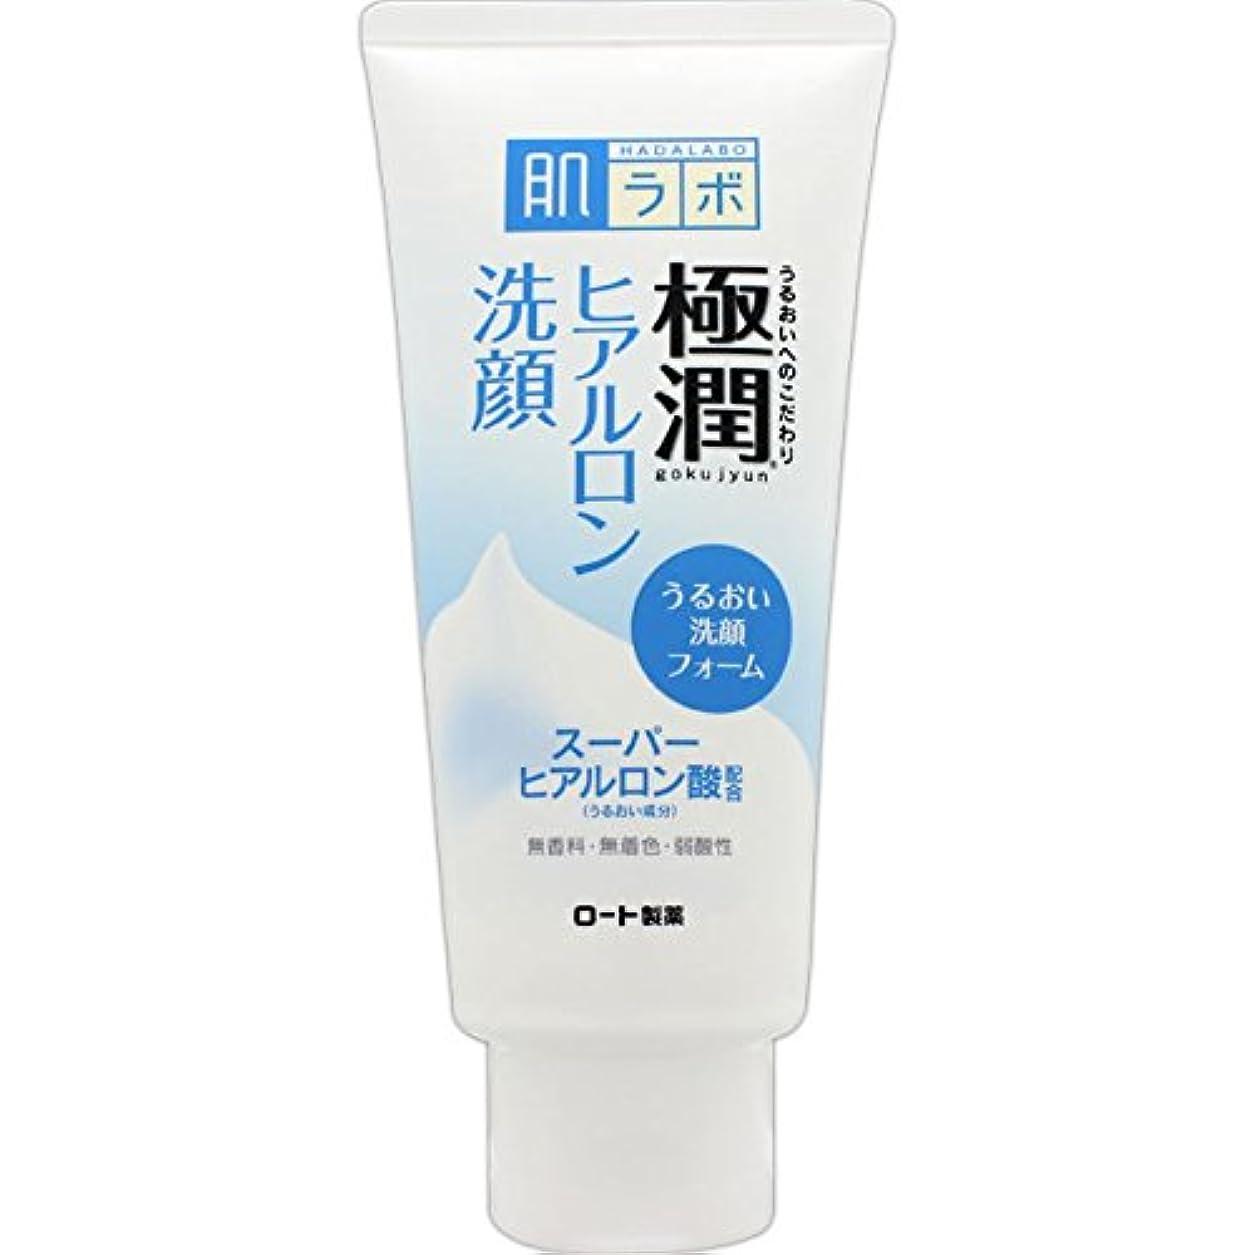 荒れ地インカ帝国手段肌ラボ 極潤 ヒアルロン洗顔フォーム スーパーヒアルロン酸&吸着型ヒアルロン酸をW配合 100g